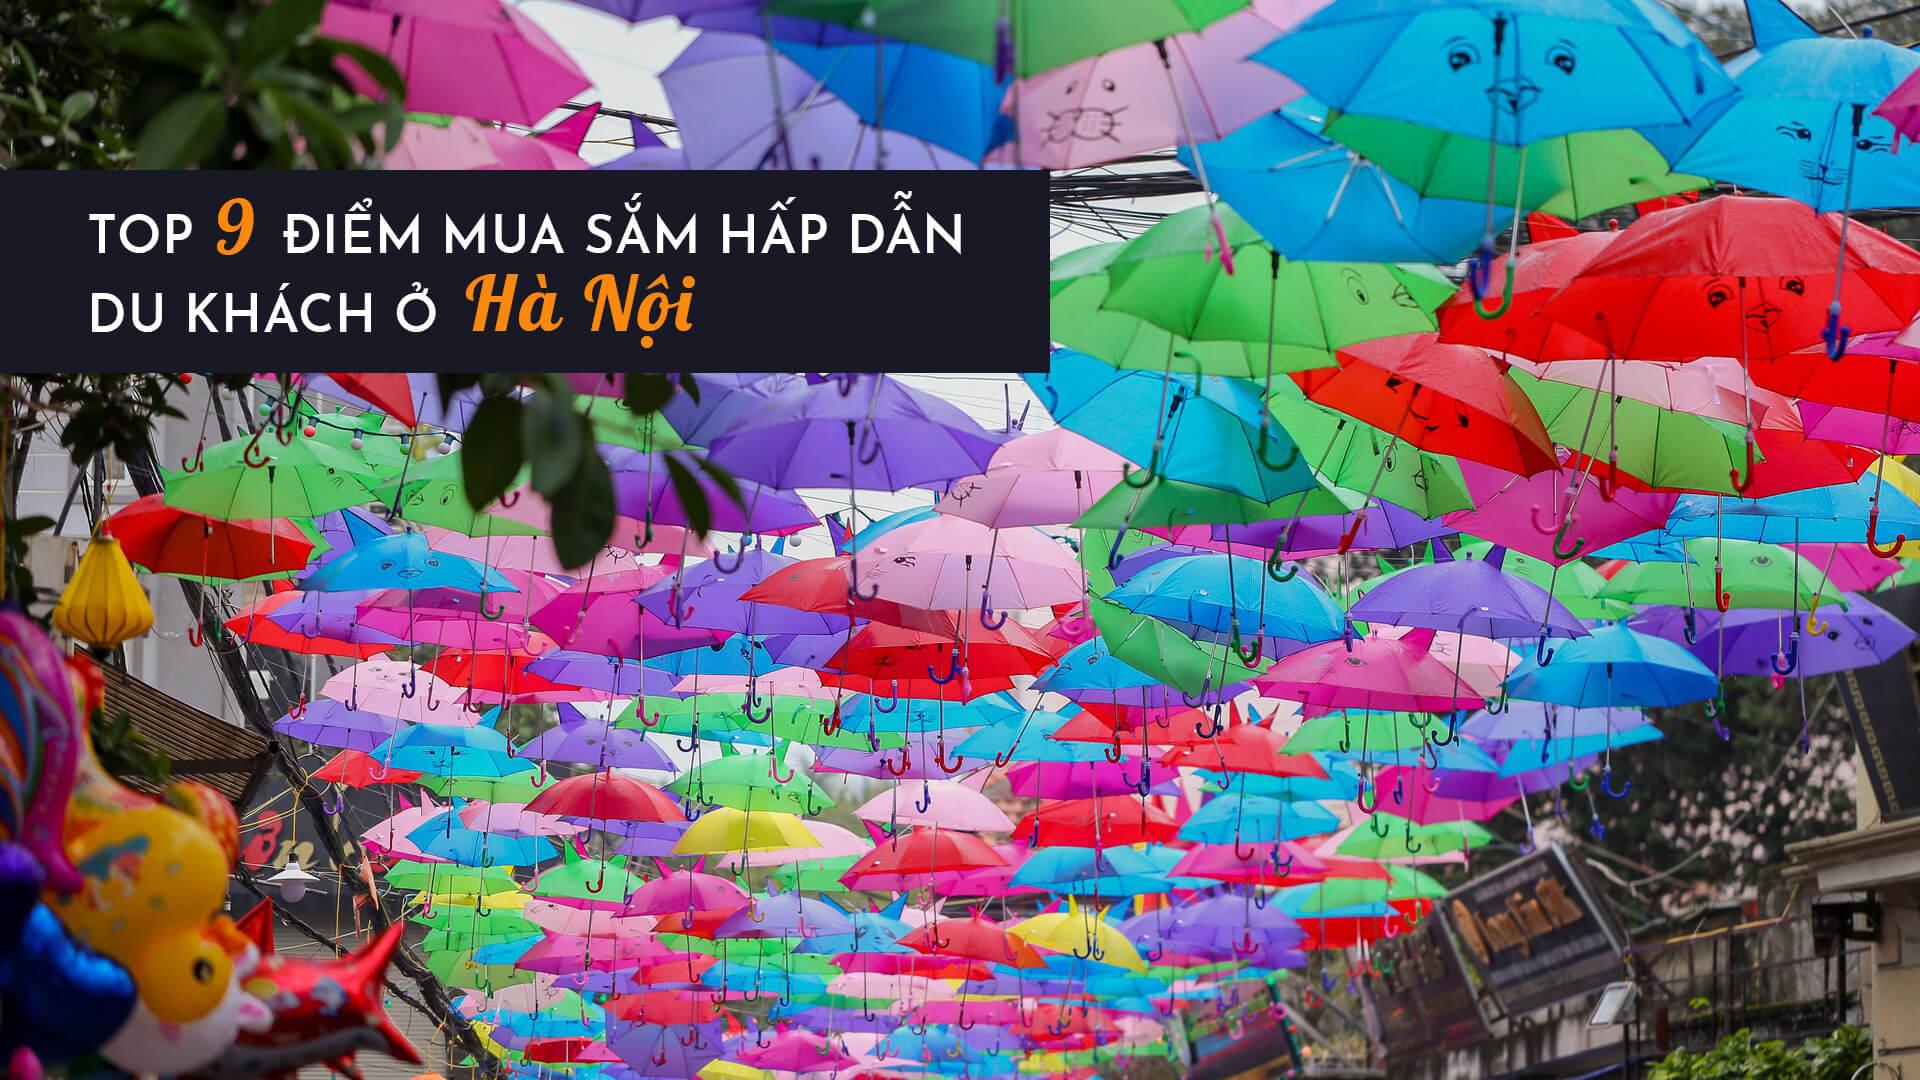 Top 9 điểm mua sắm hấp dẫn du khách ở Hà Nội